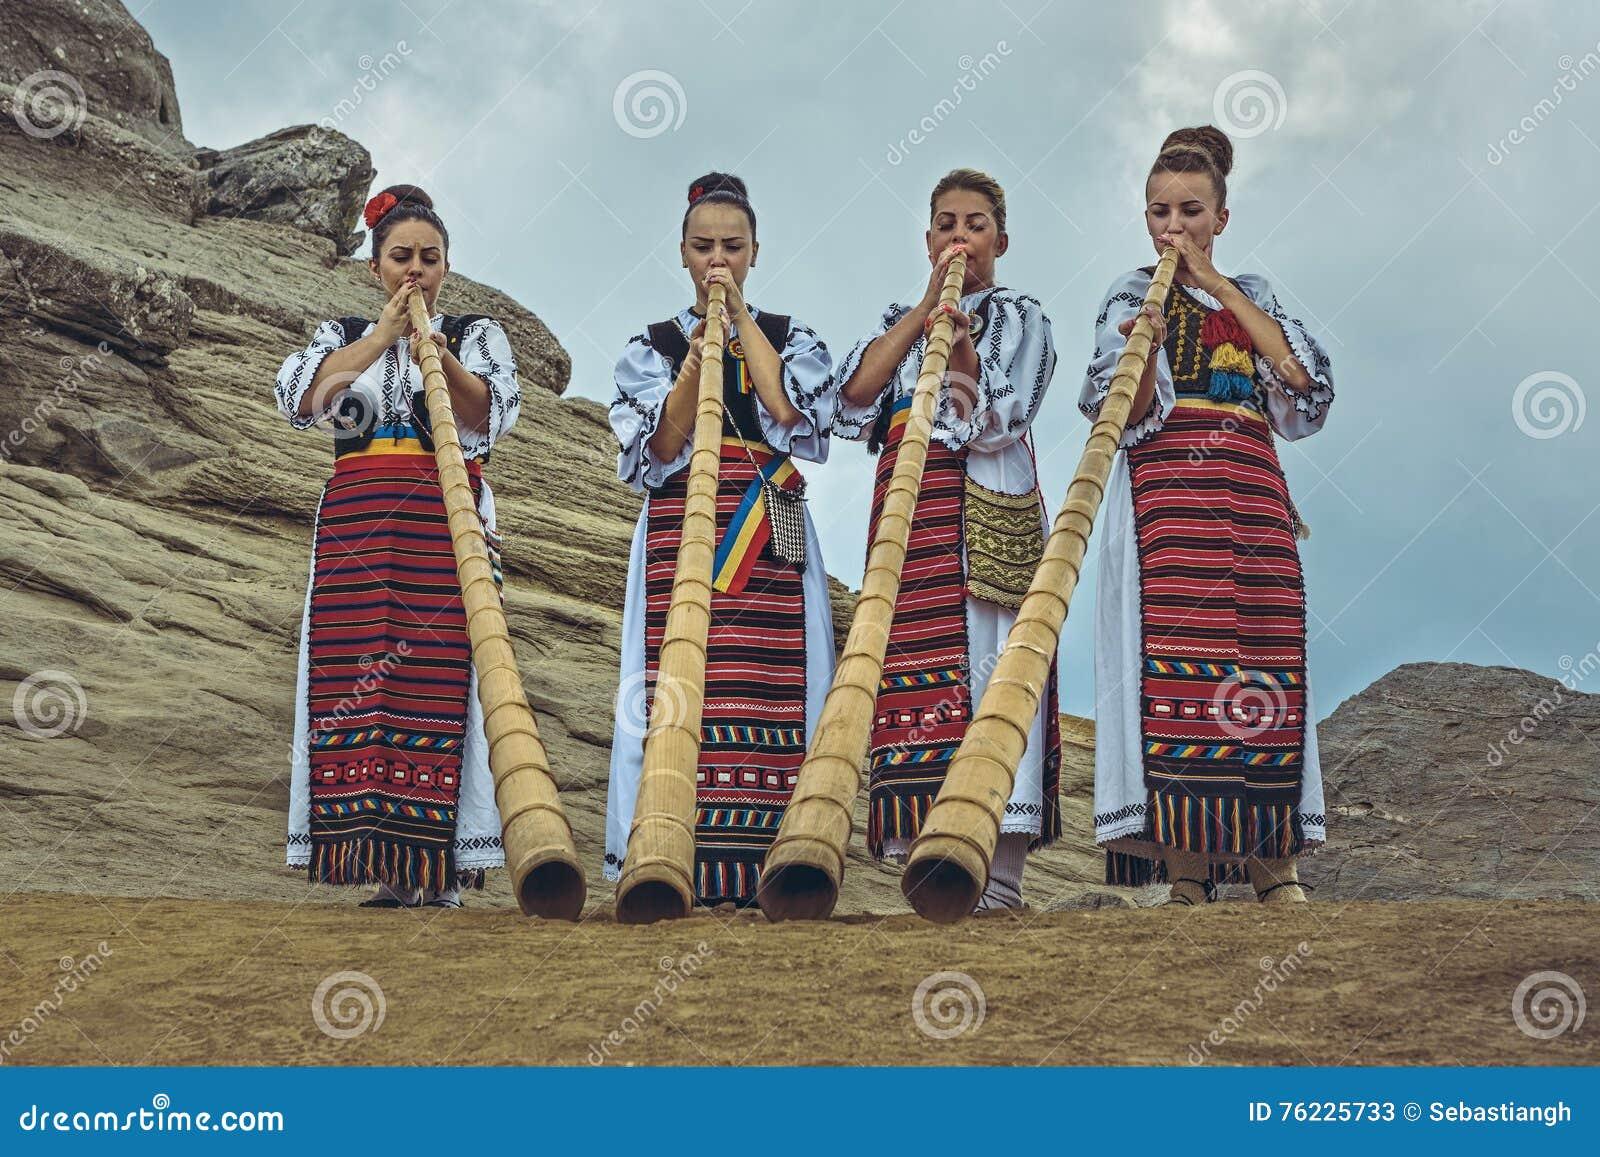 Roemeense vrouwelijke tulnic spelers